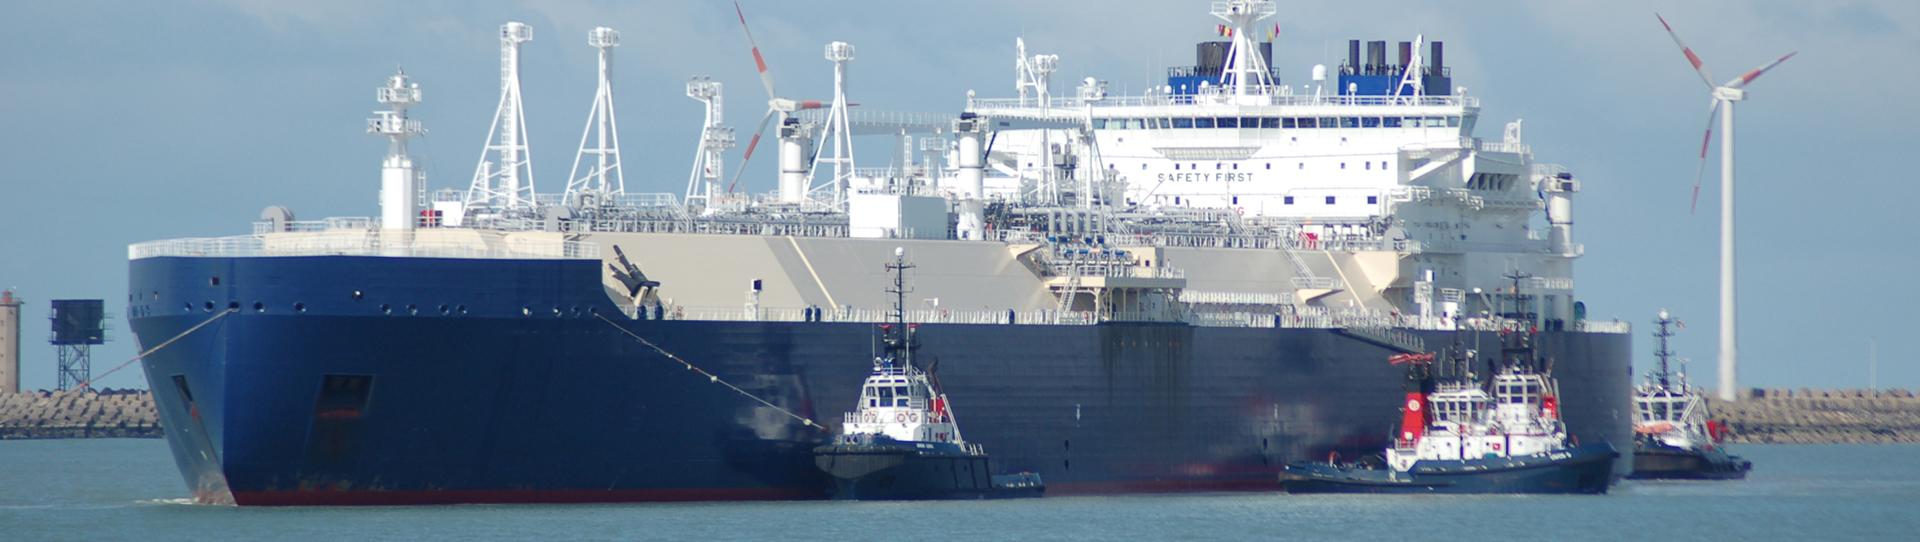 header Zeebrugge_concessie.jpg